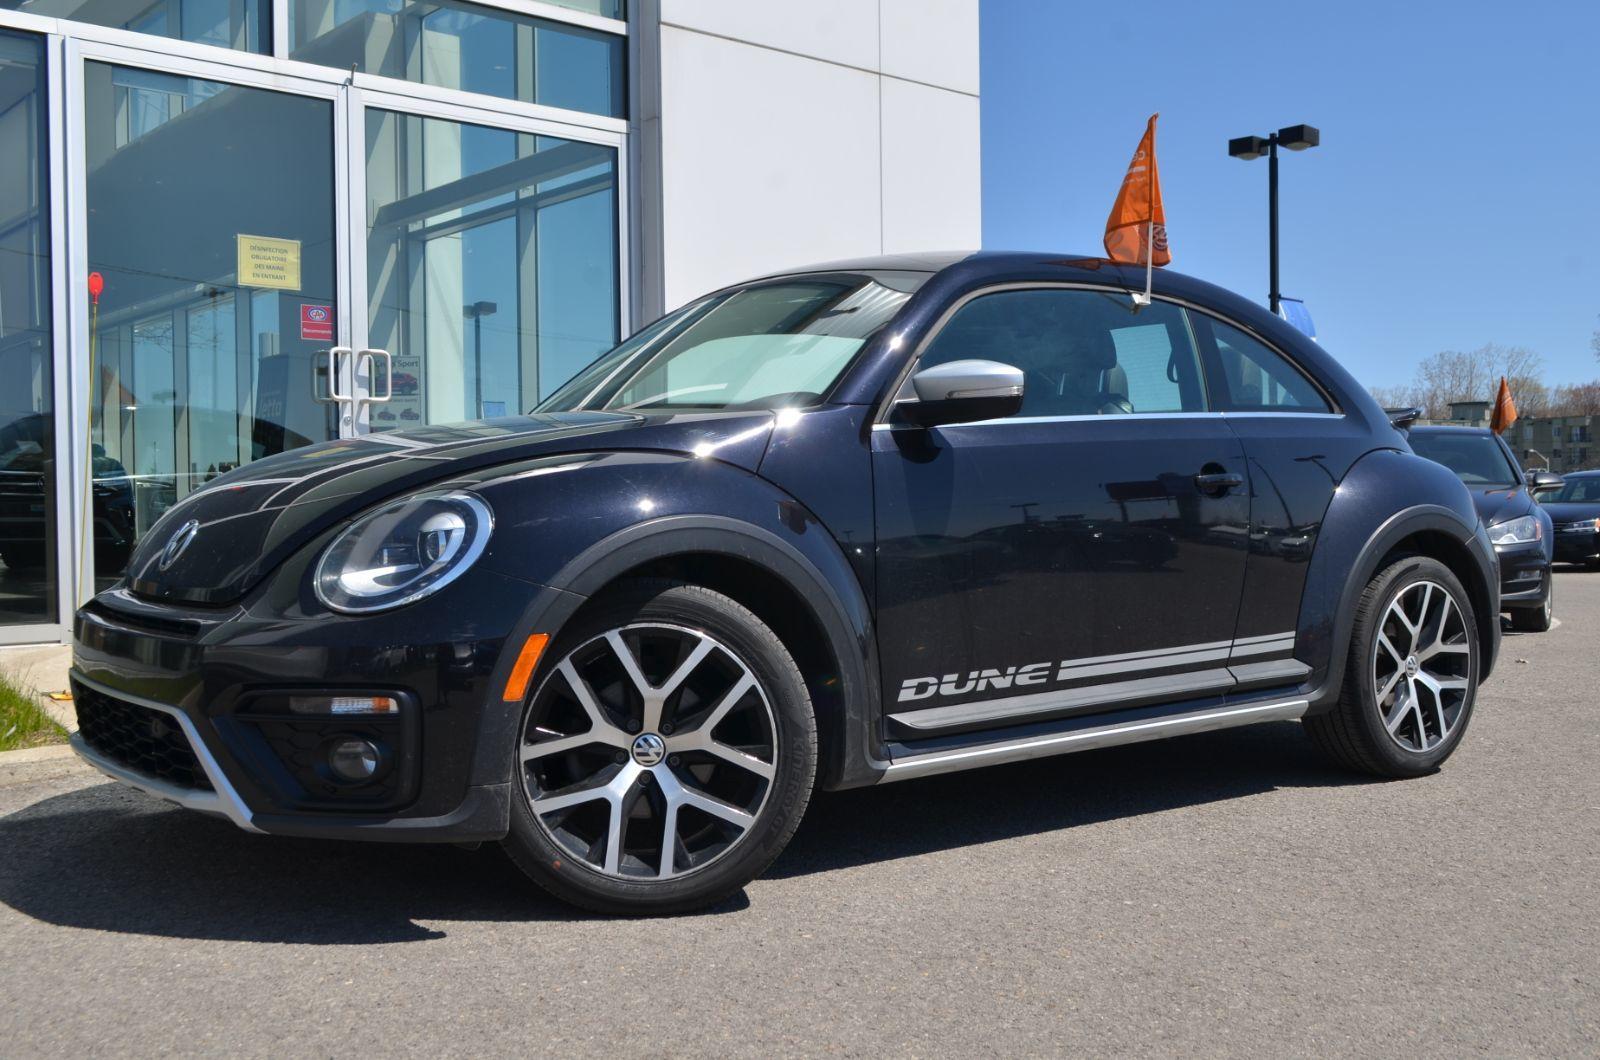 Used 2017 Volkswagen Beetle Dune Black 65 160 Km For Sale 17495 0 Volkswagen Laurentides V1158